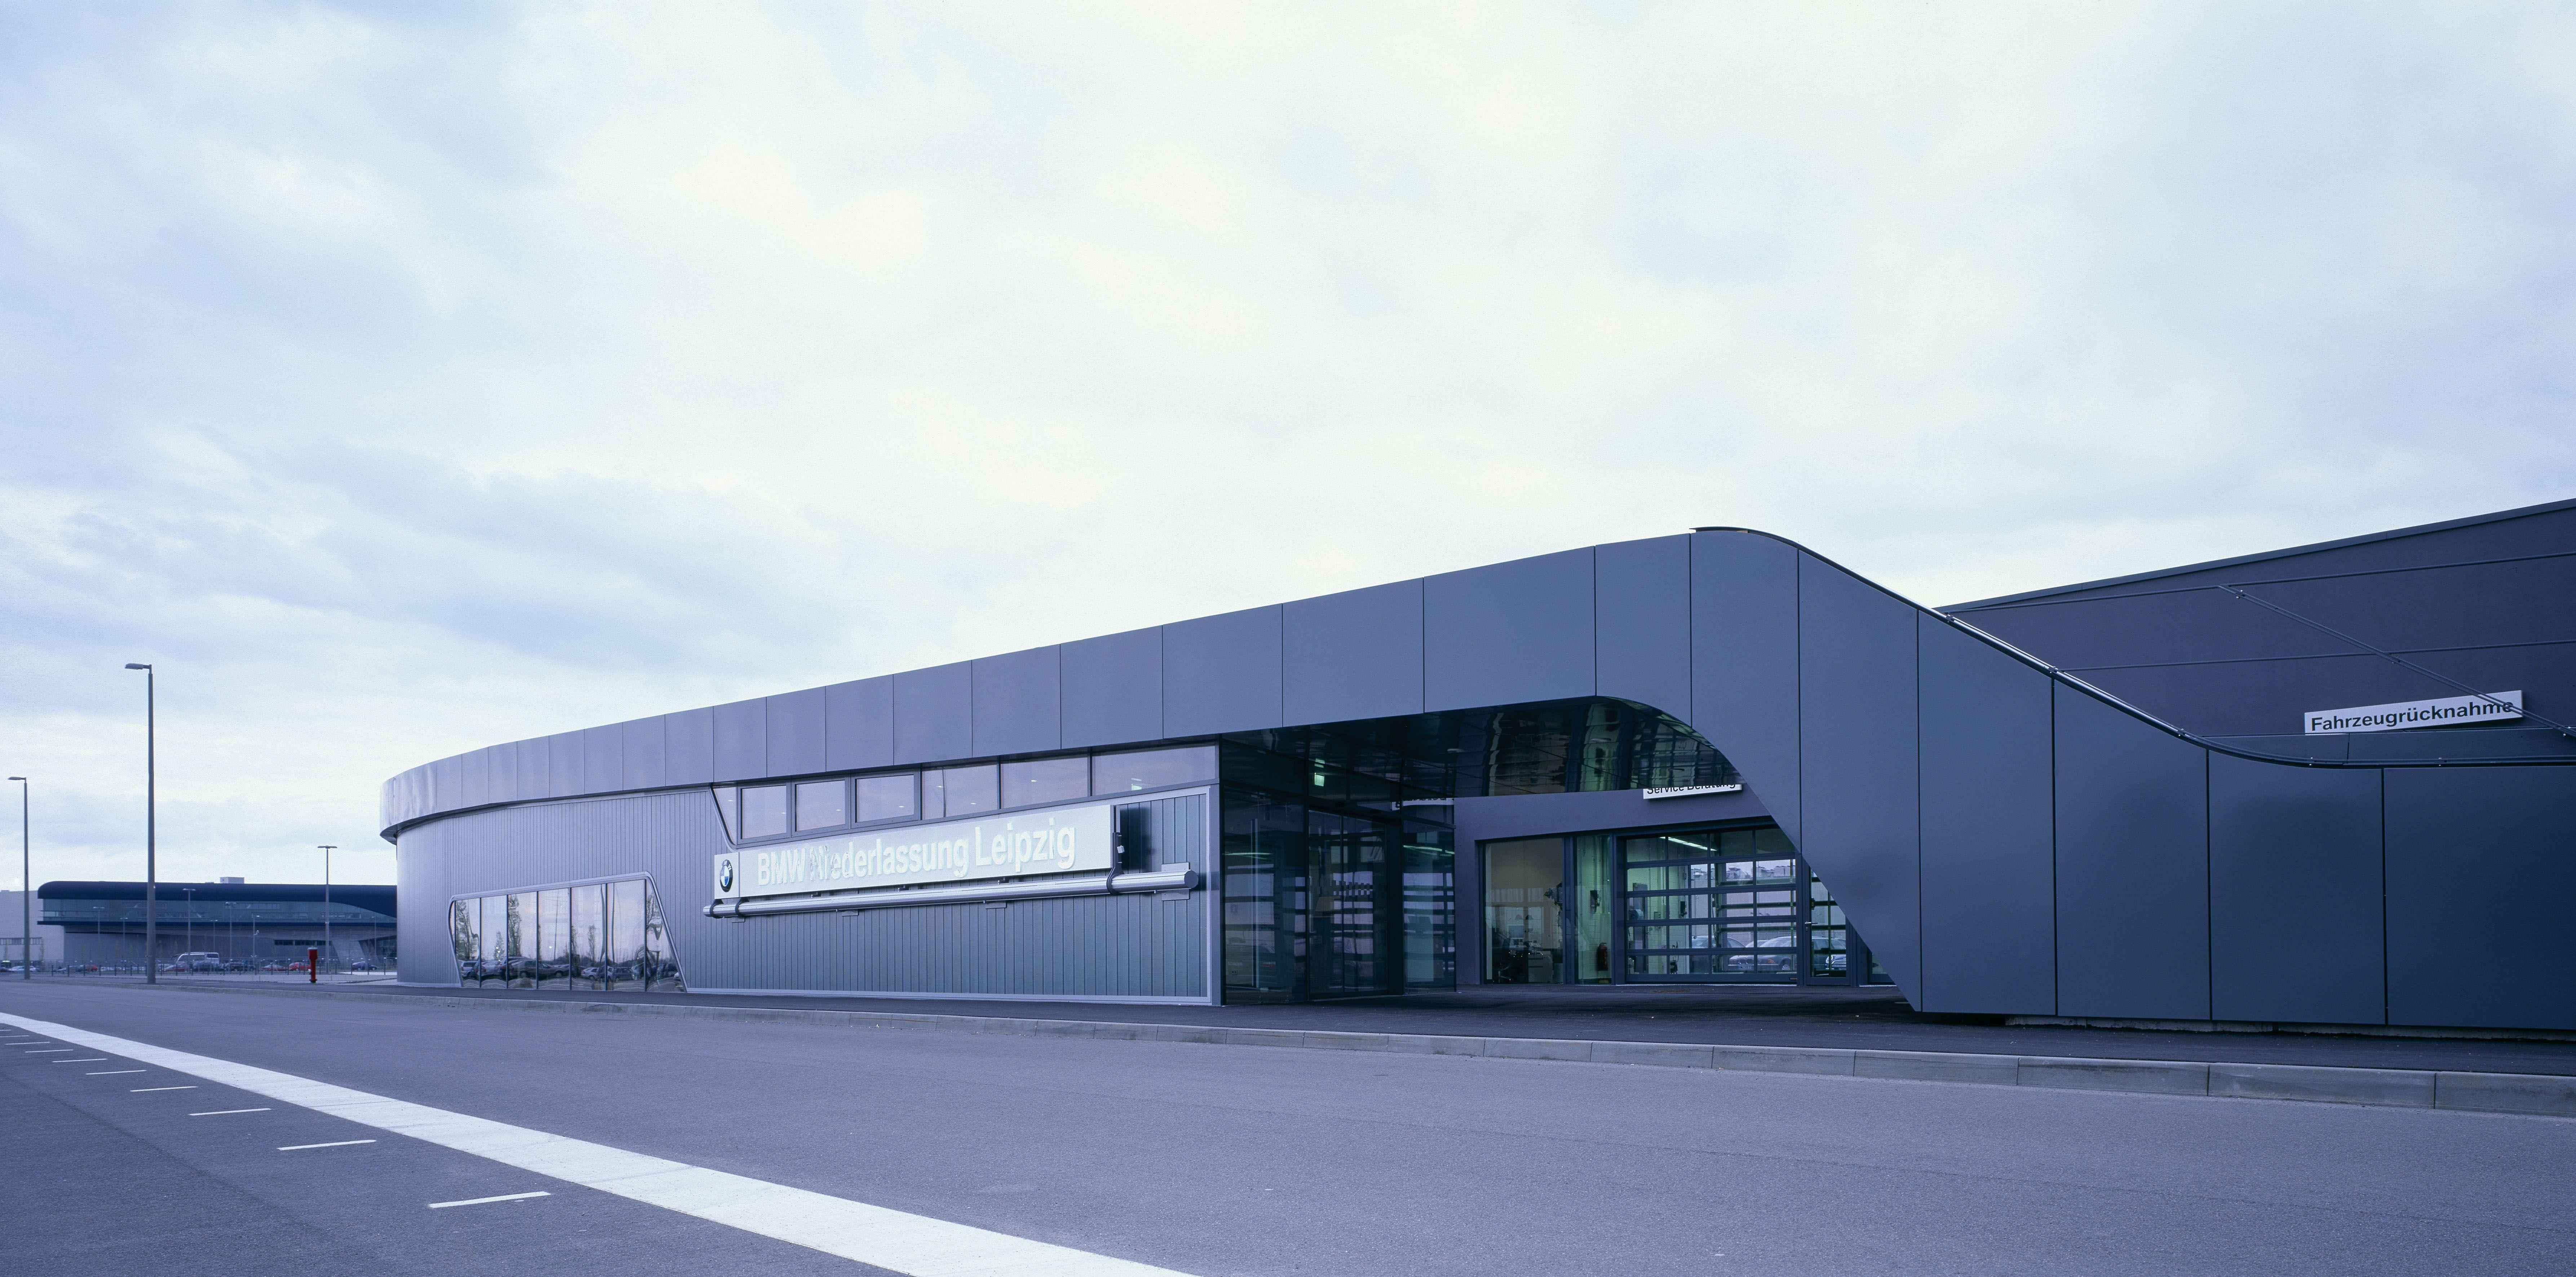 Bmw Showroom Architecture Zaha Hadid Architects Car